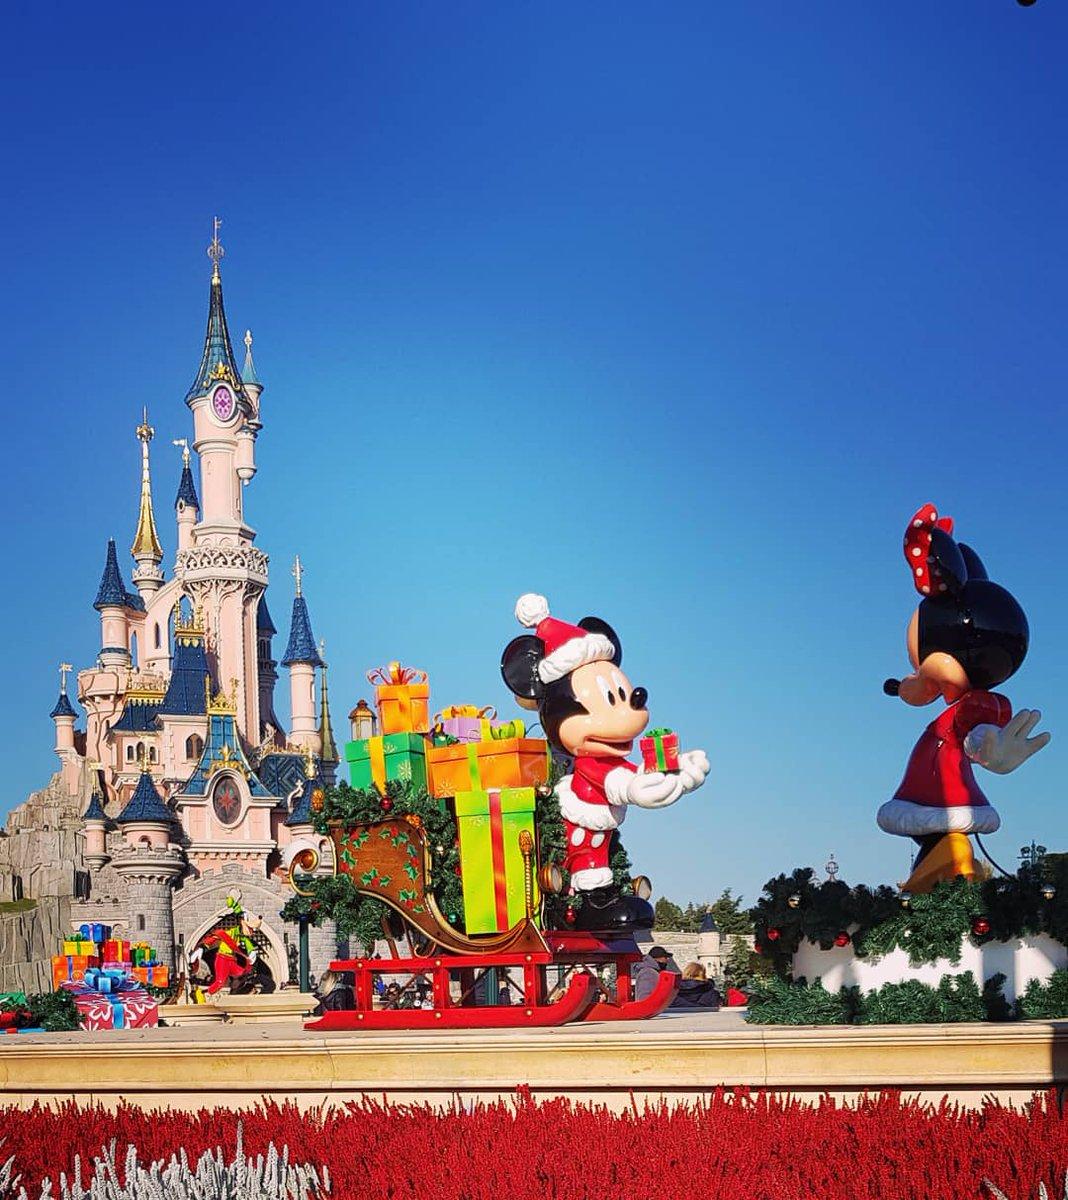 Un noël magique à @DisneylandParis et encore Joyeux Anniversaire Happy Birthday à notre Mickey Mouse 😍